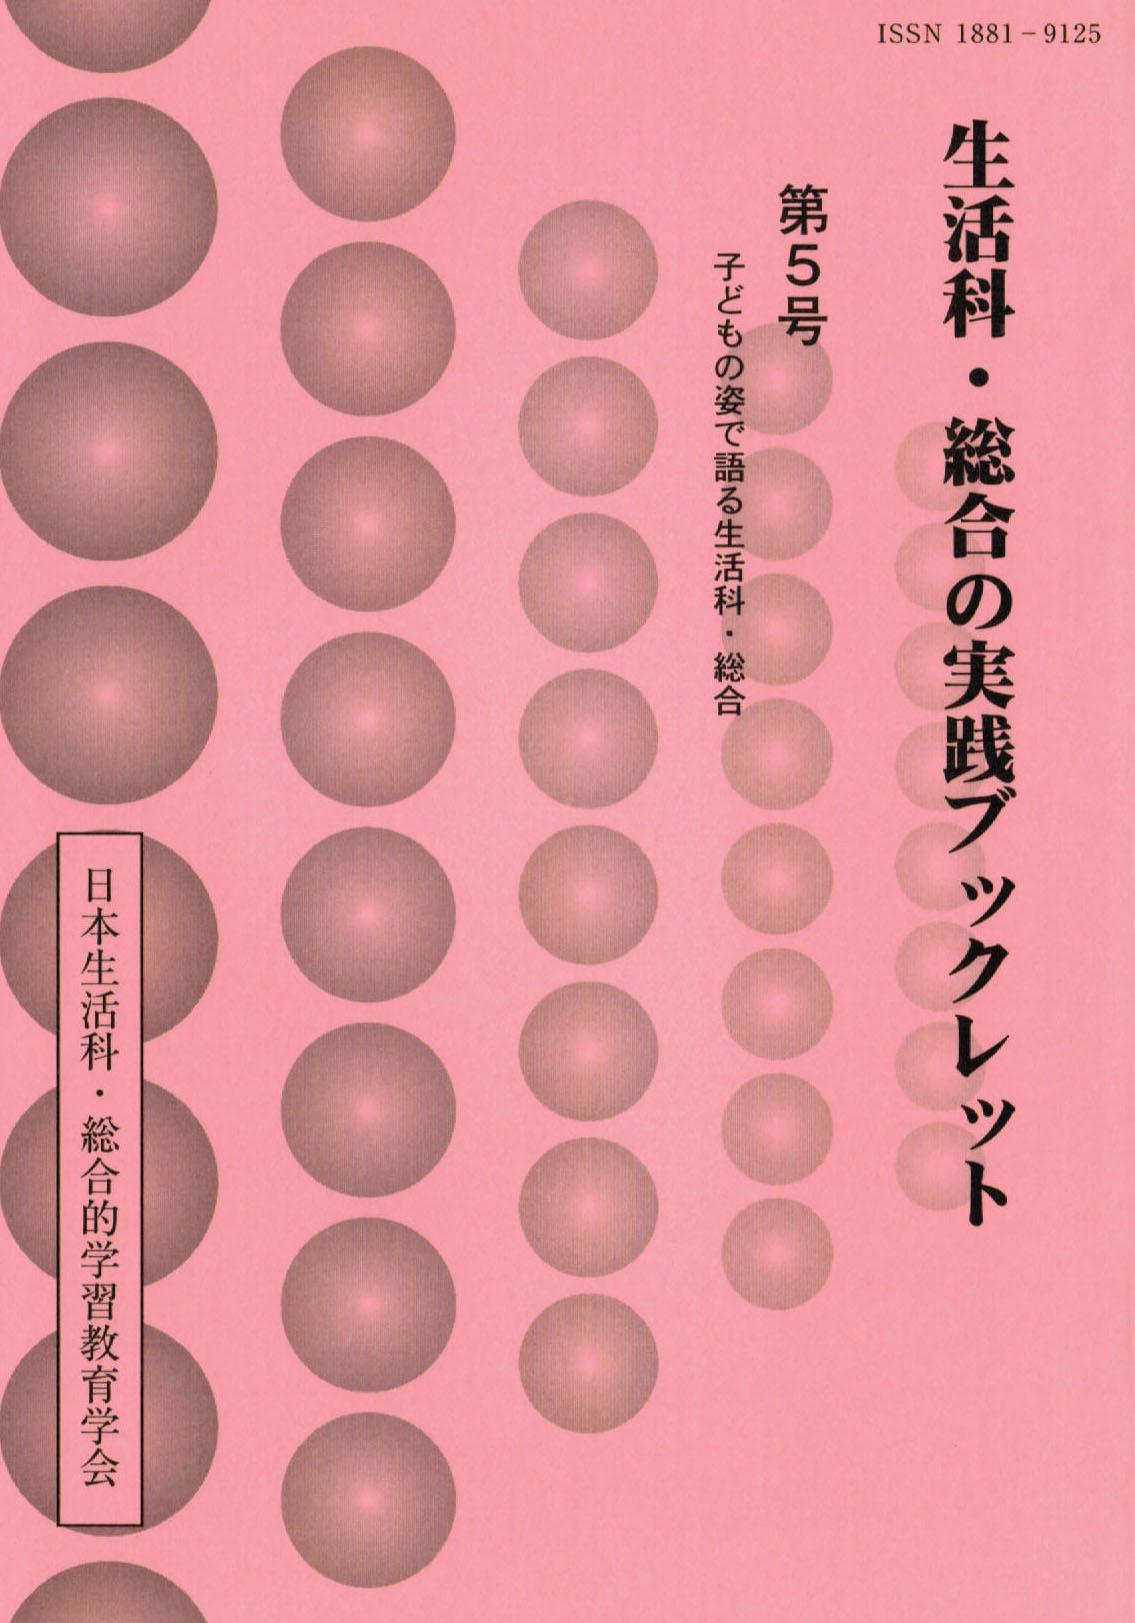 第5号(2011年6月発行)